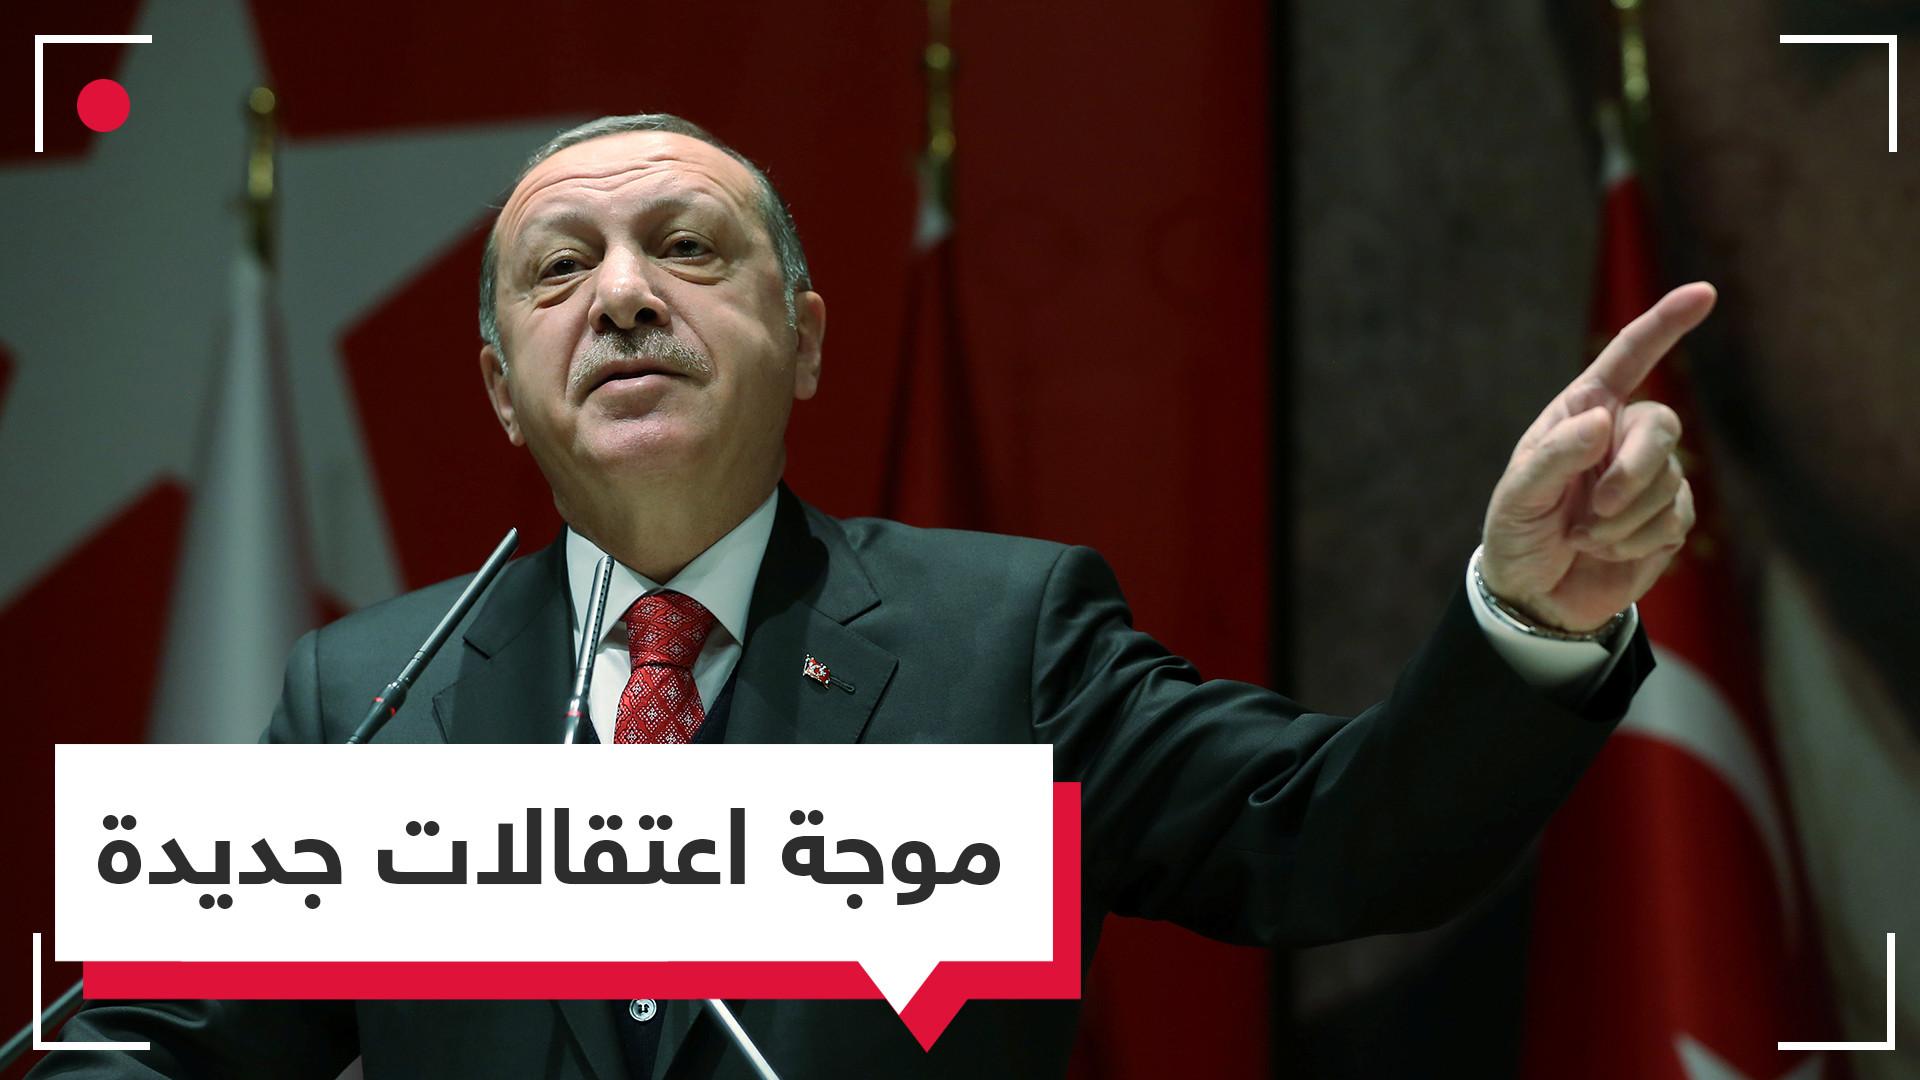 بعد الصحفيين والقضاة والخارجية.. هل يستغل أردوغان محاولة الانقلاب لتصفية خصومه؟